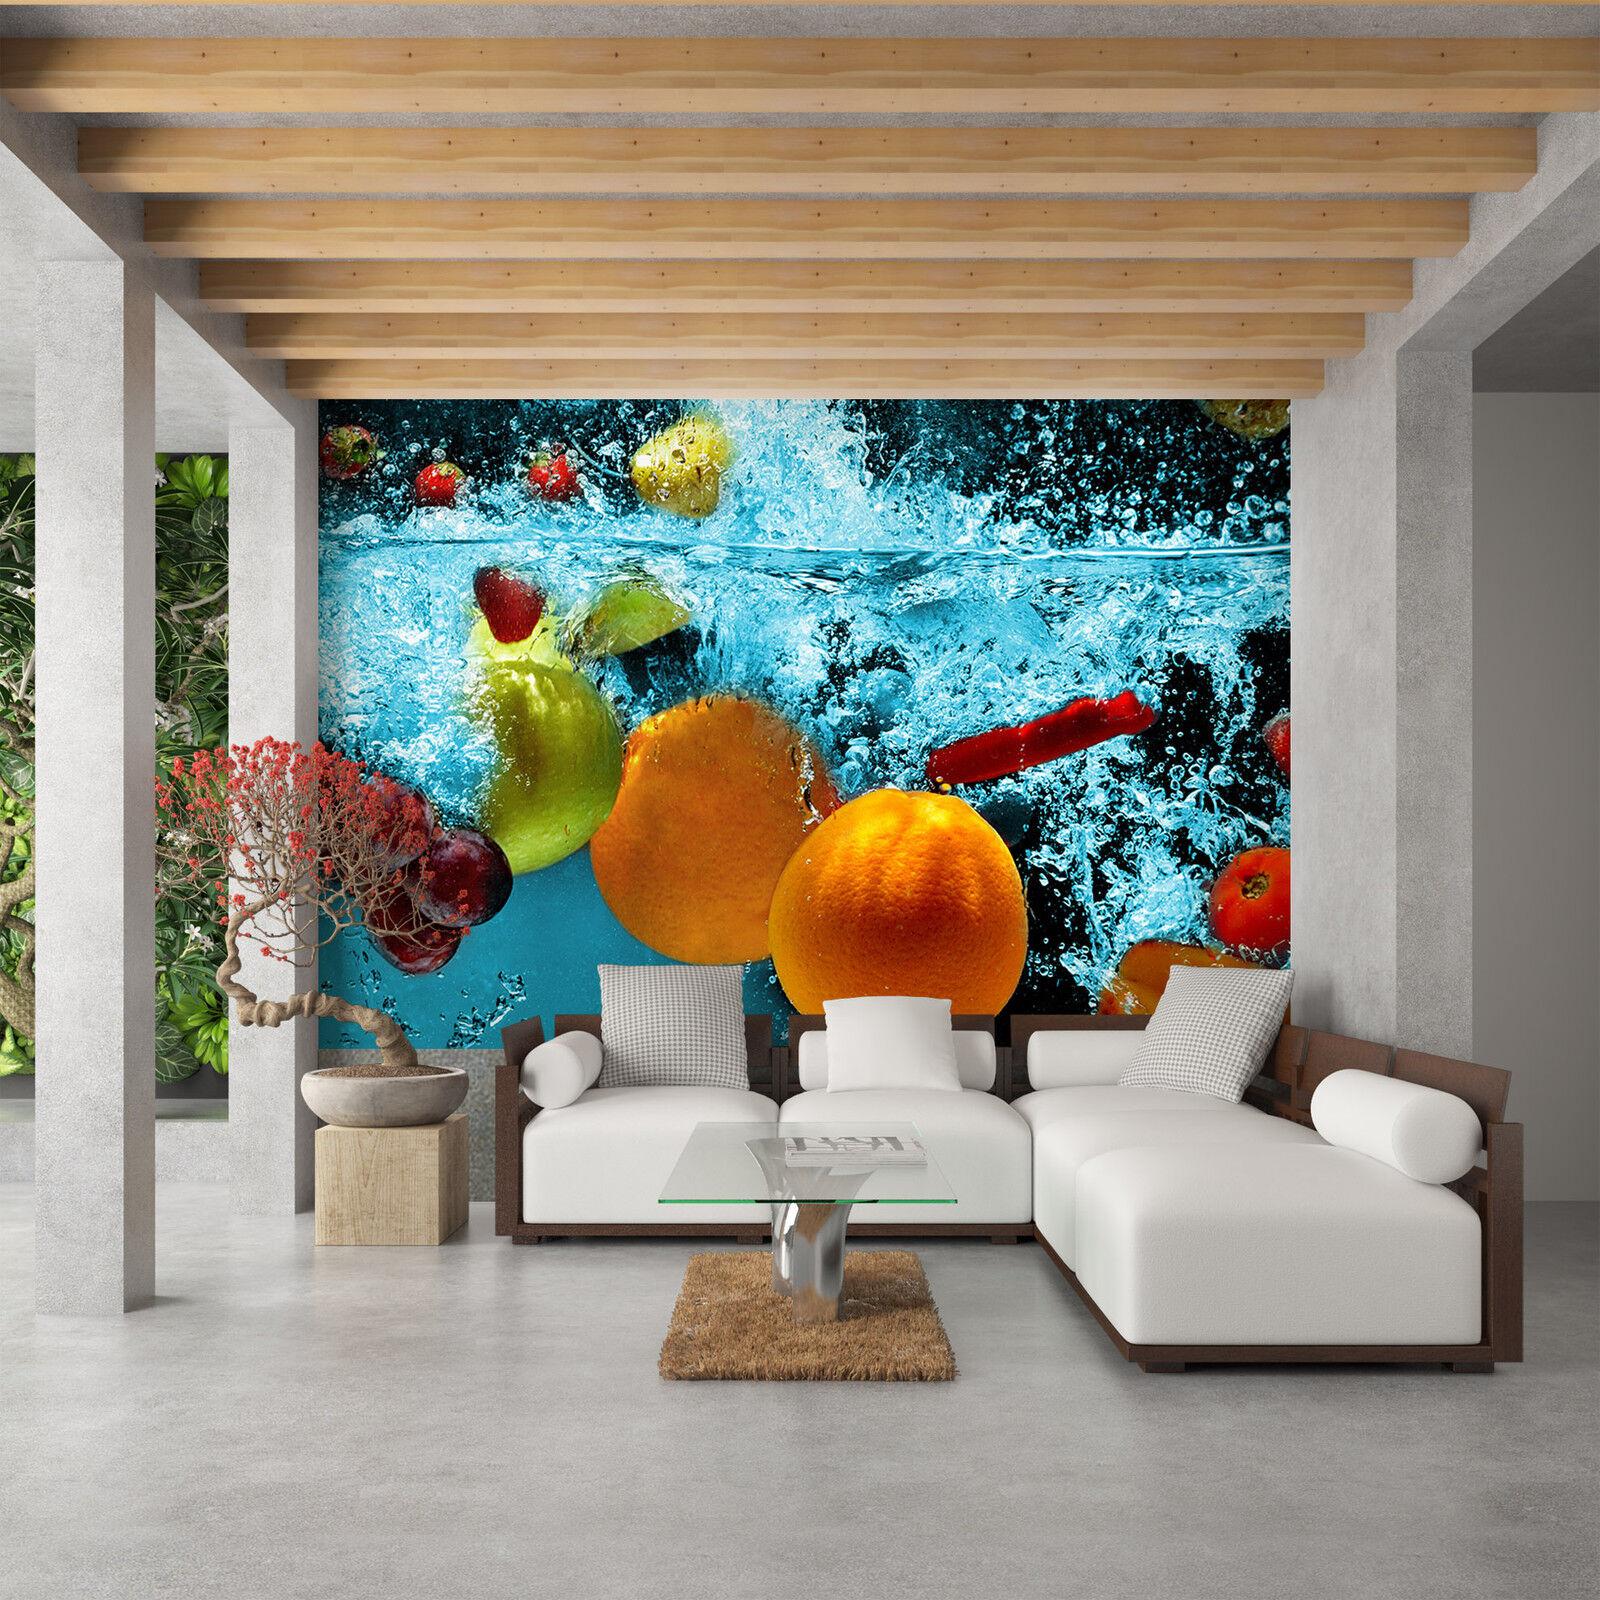 Tapete Vlies Fototapete für Küche Obst ins Wasser eintauchend modernes Design